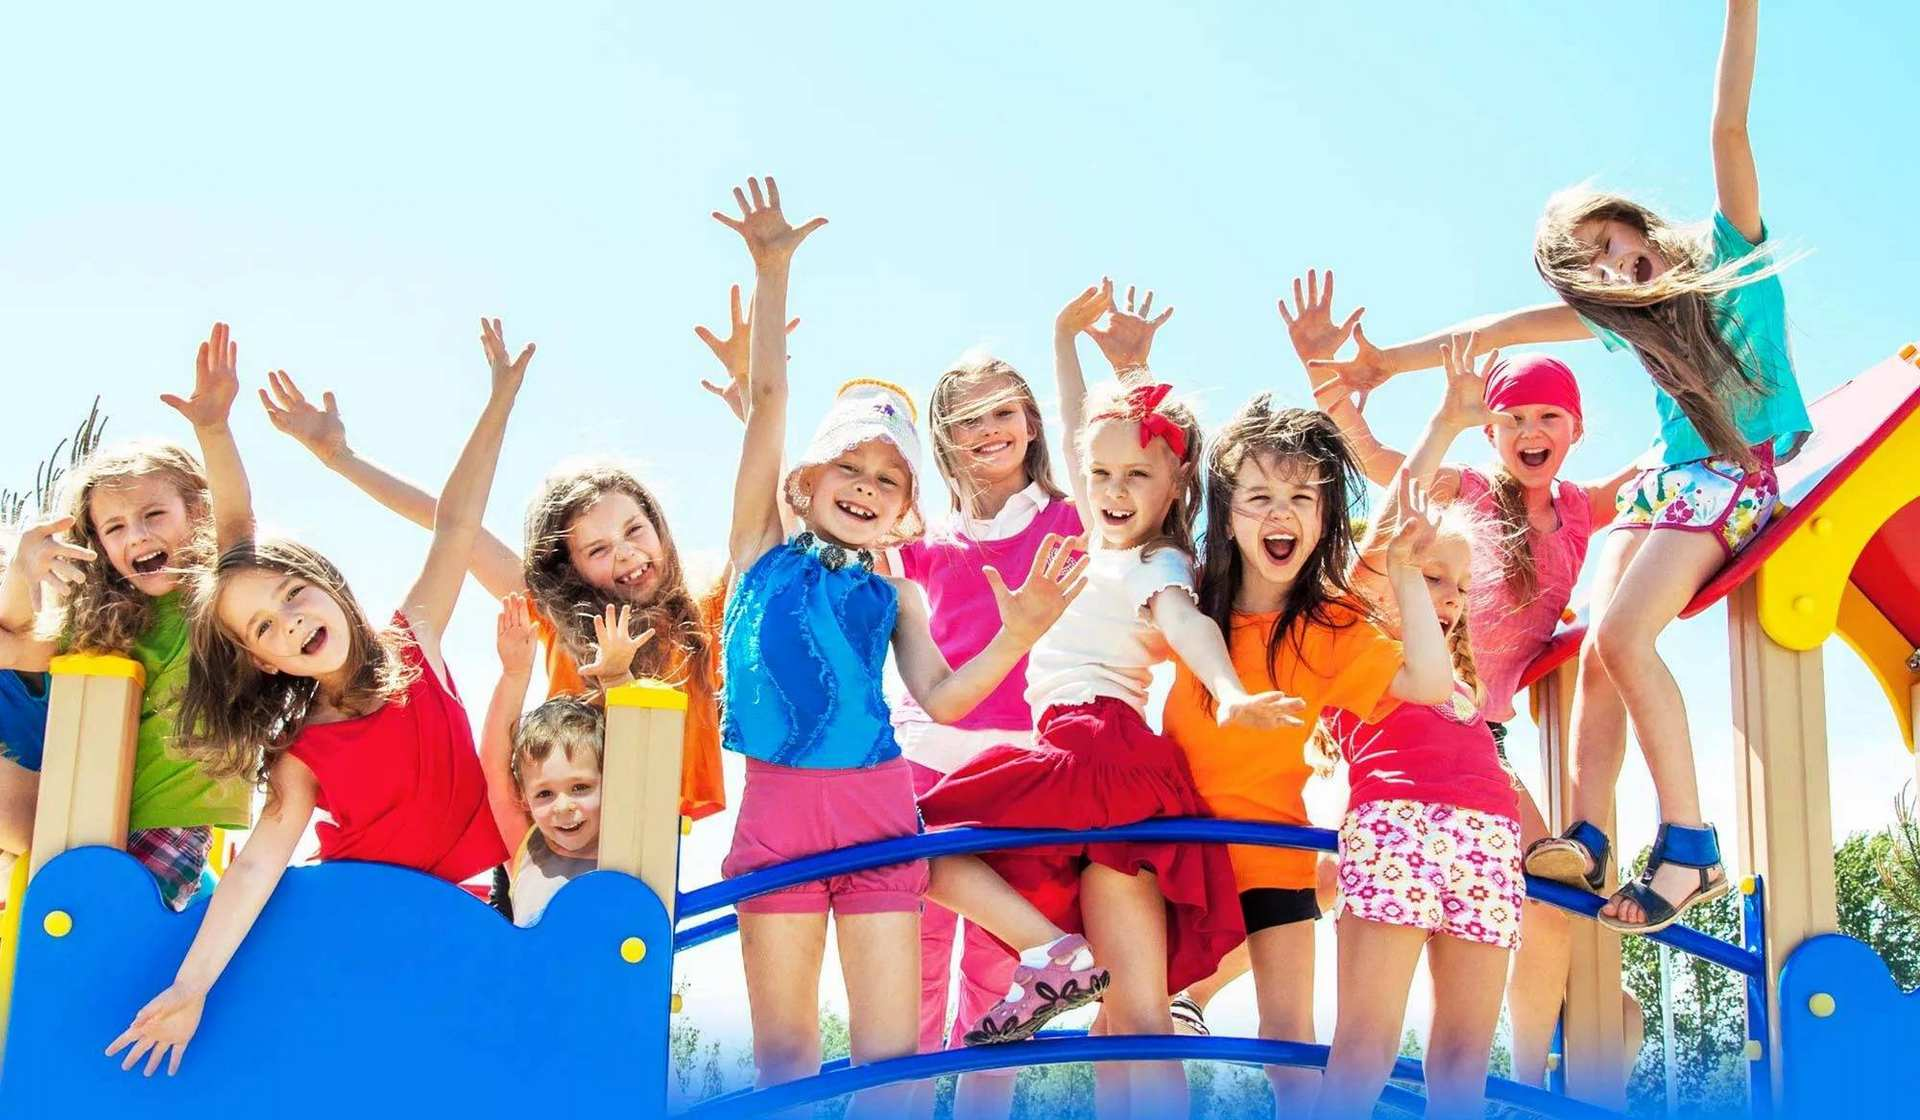 Компенсация за путевку в детский лагерь (возмещение) в 2020 году